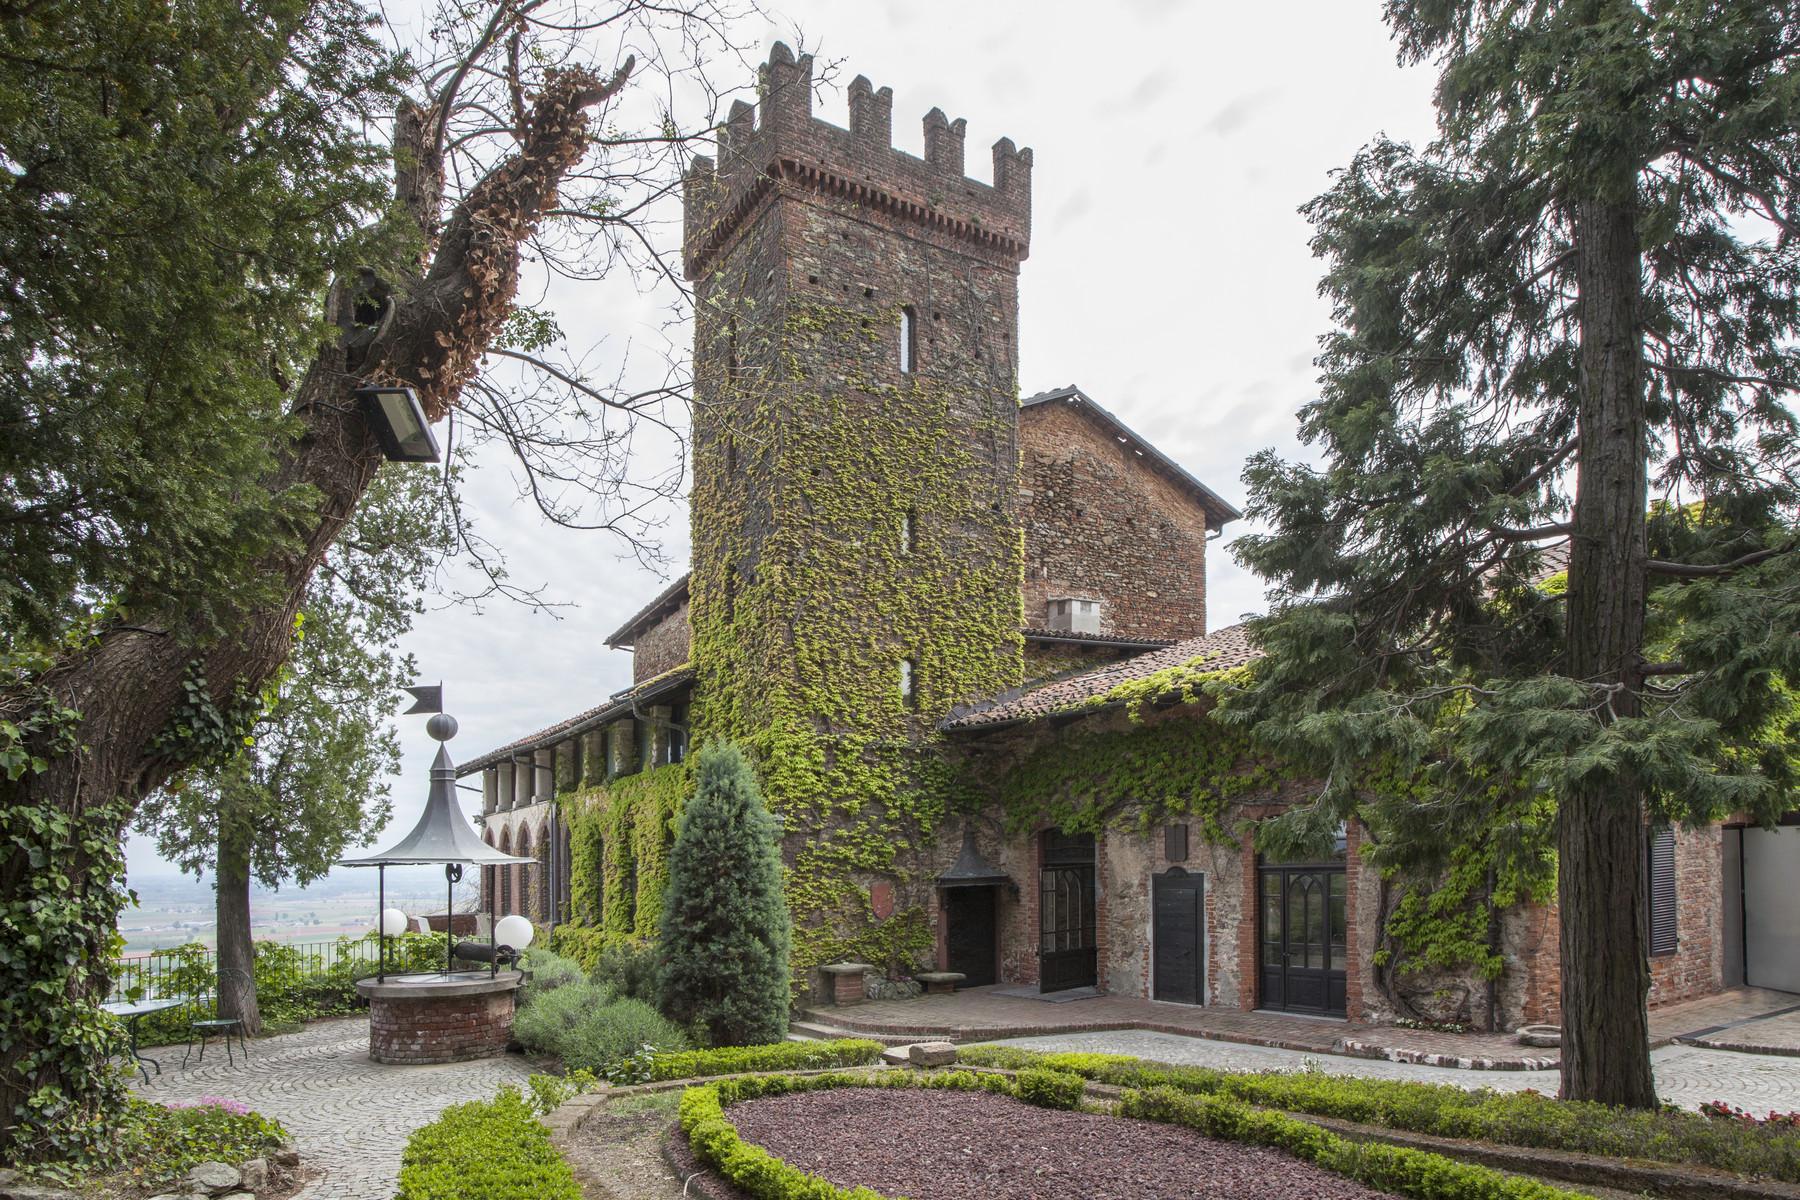 Villa per Vendita alle ore Monumentale castello domina la campagna piemontese Via Rapida ai Castelli Piossasco, Torino 10045 Italia